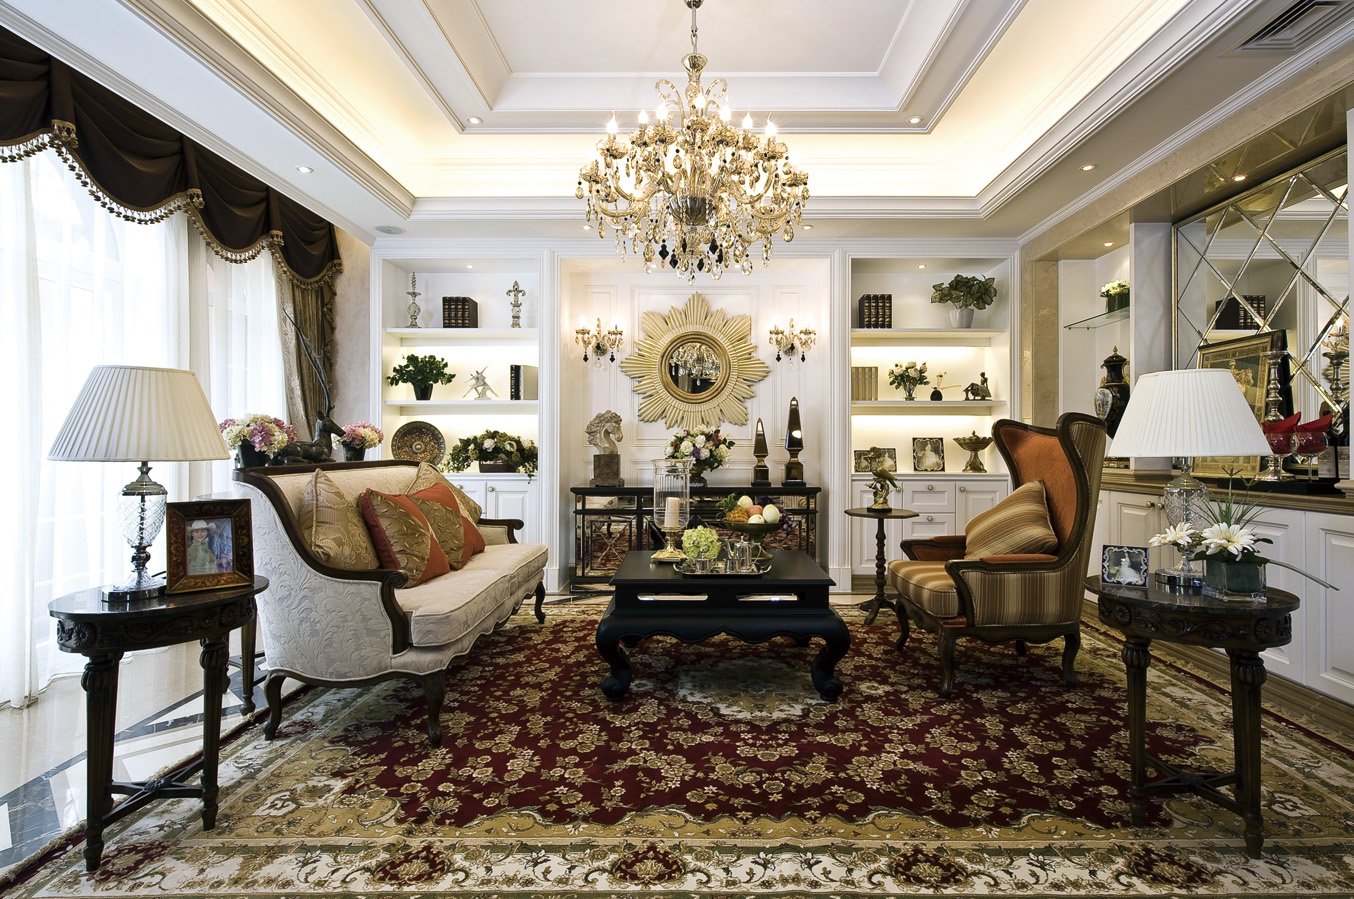 现代 美式 混搭 四居室 客厅图片来自朗润装饰工程有限公司在中海城南华府 奢华现代美式的分享